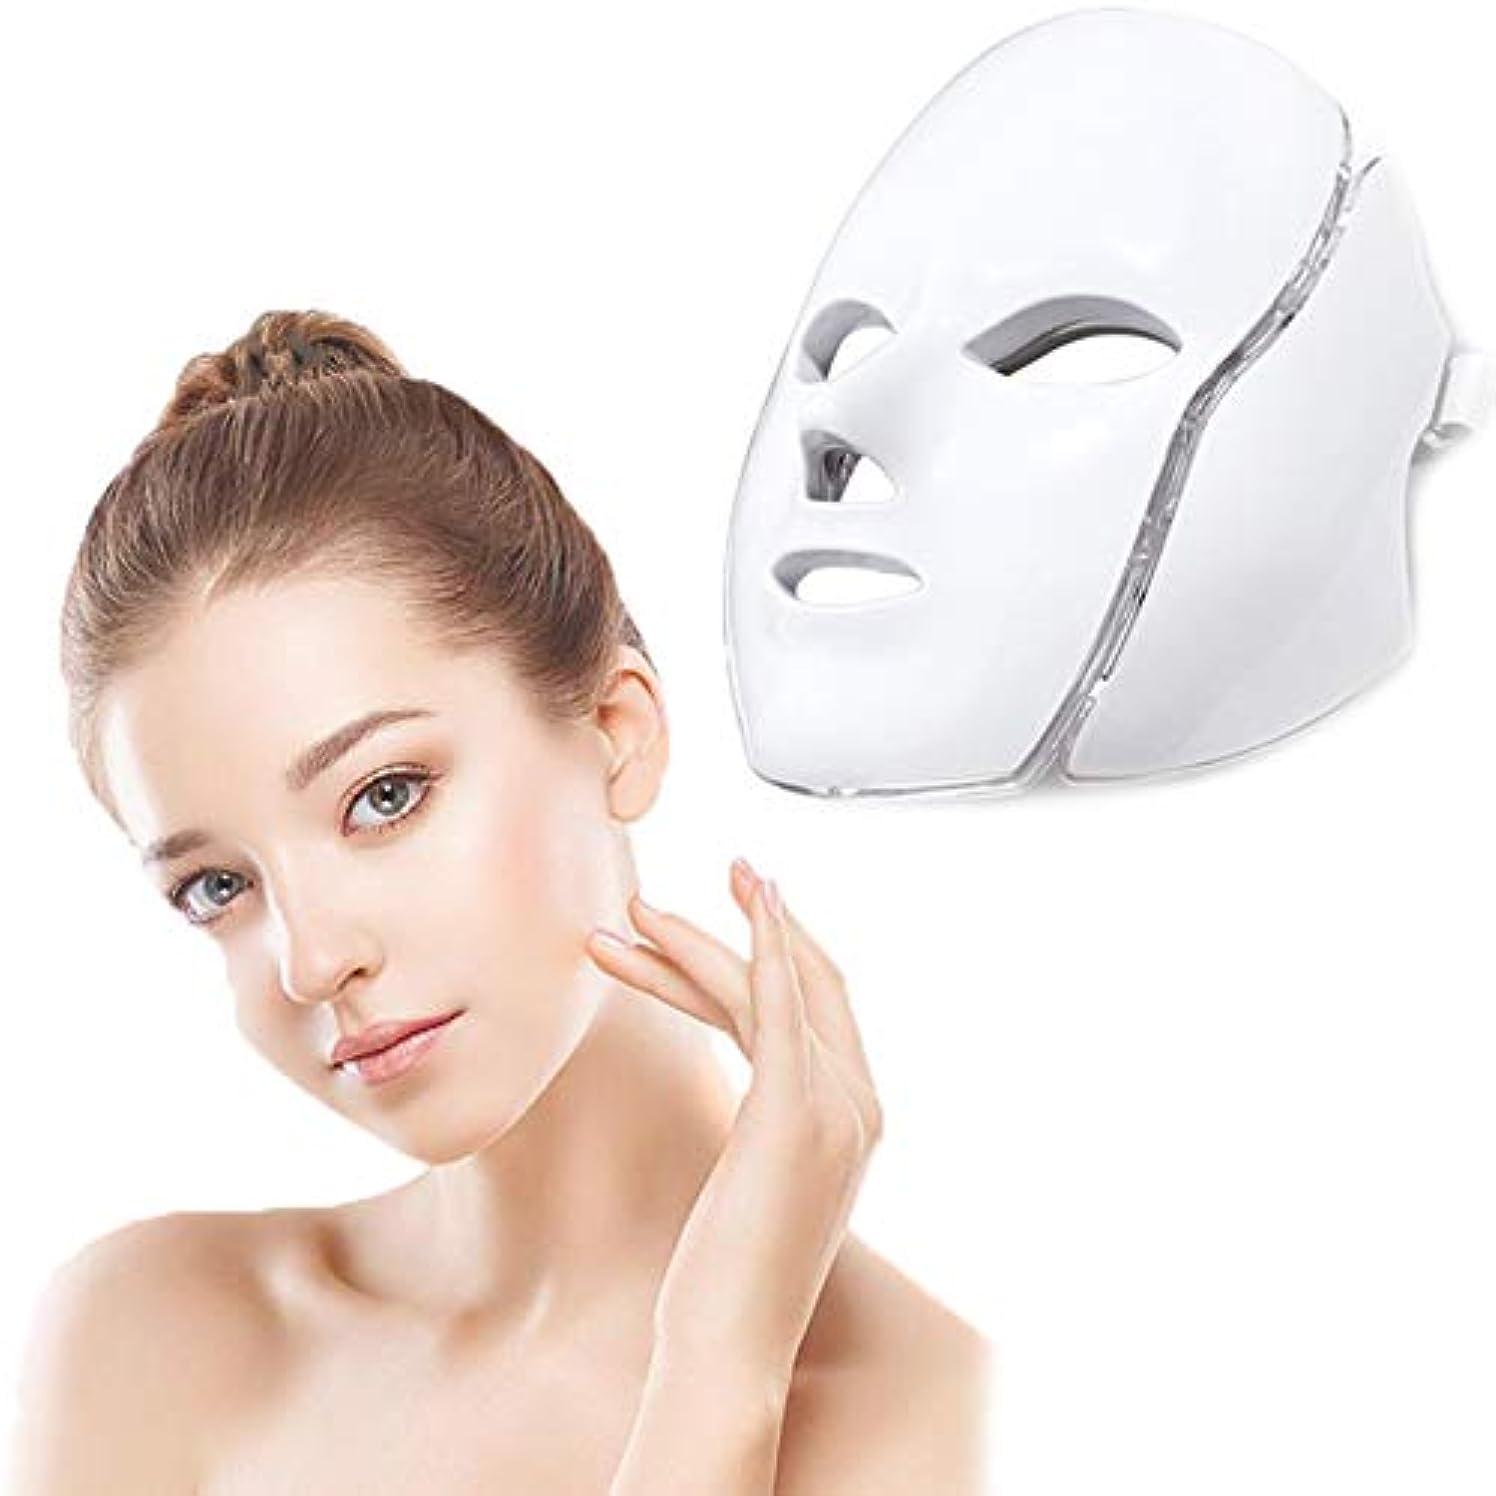 起きてフォーマル古代7色LEDフェイスマスクフェイシャルマスクPDTフォトンフェイシャルマスク美容機美容器具ネックマスクセット付き